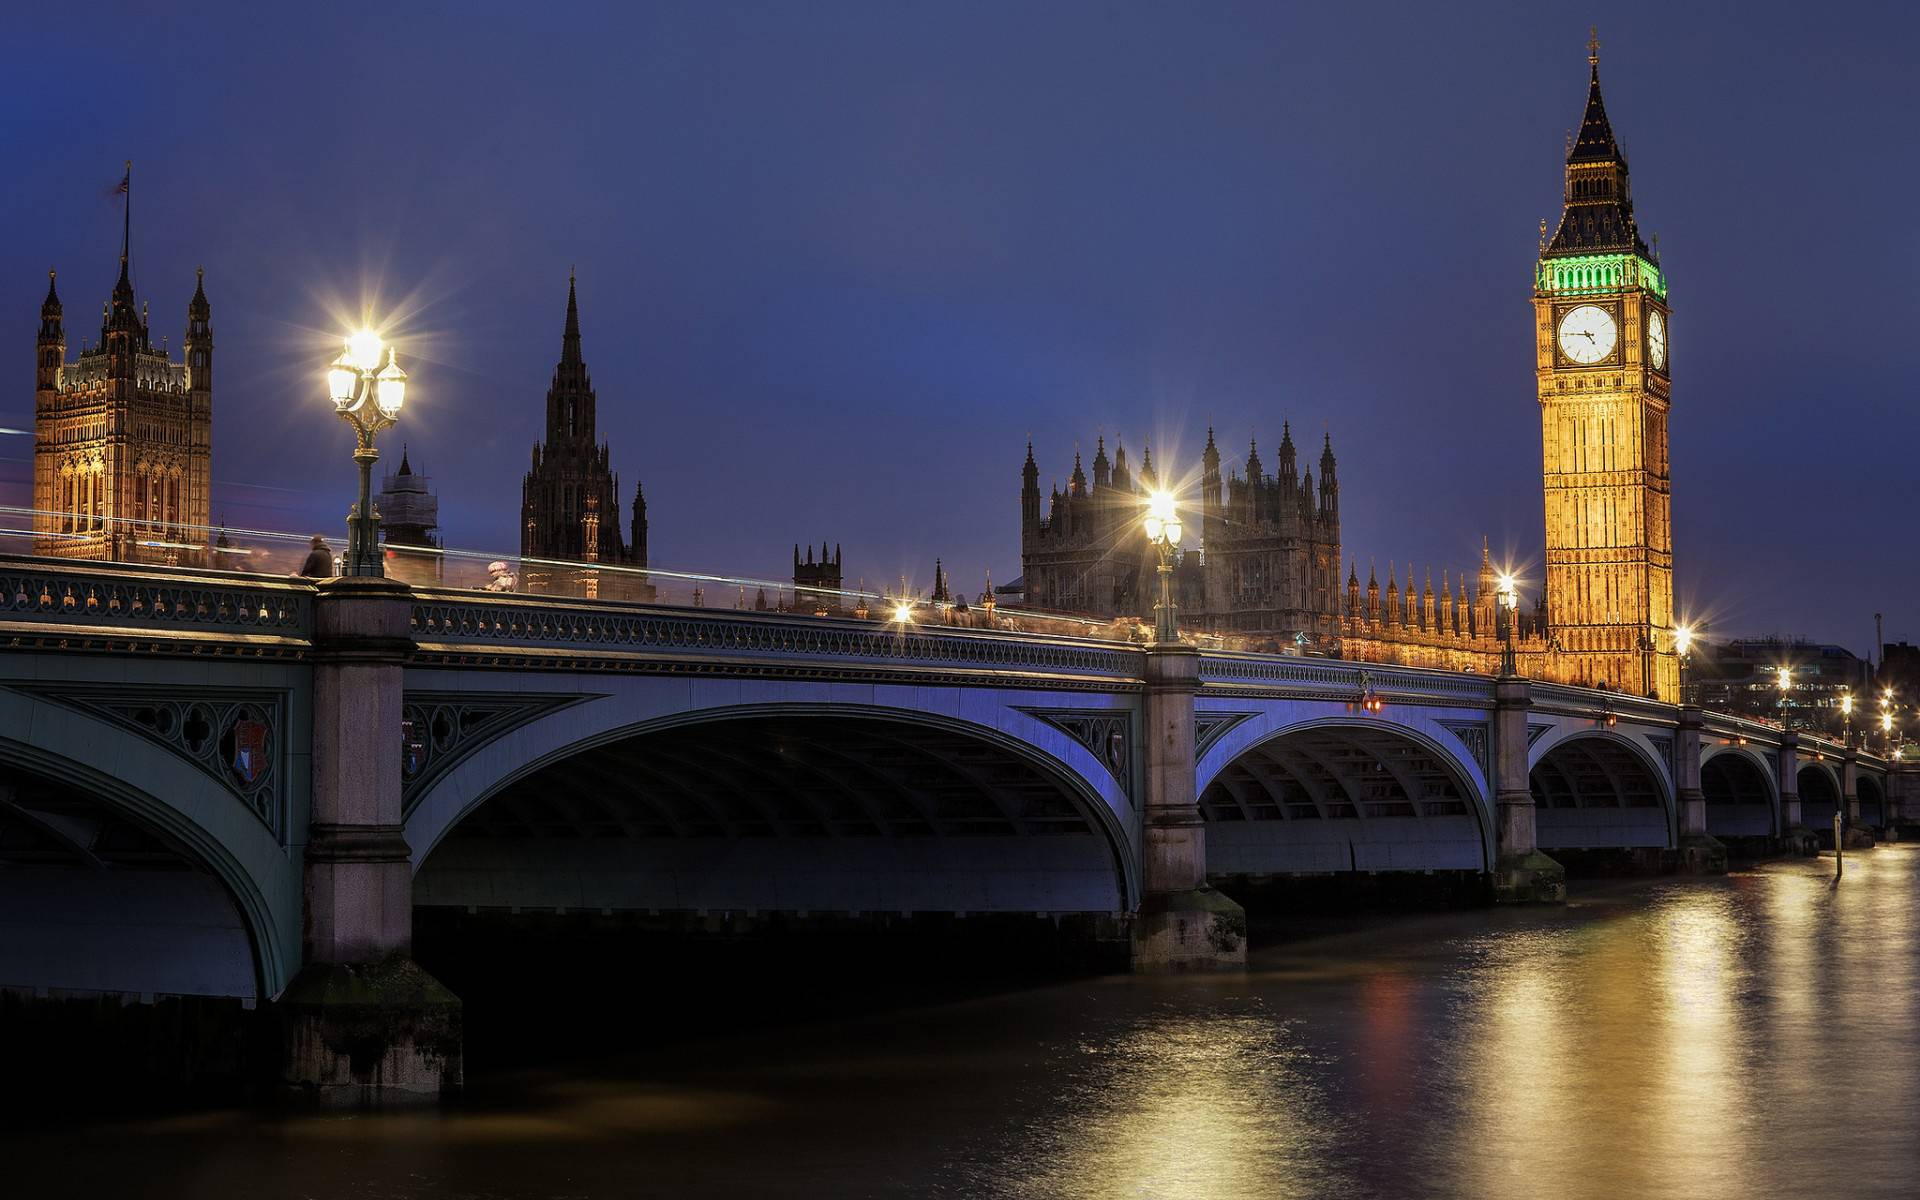 обои London, England, Great Britain картинки фото